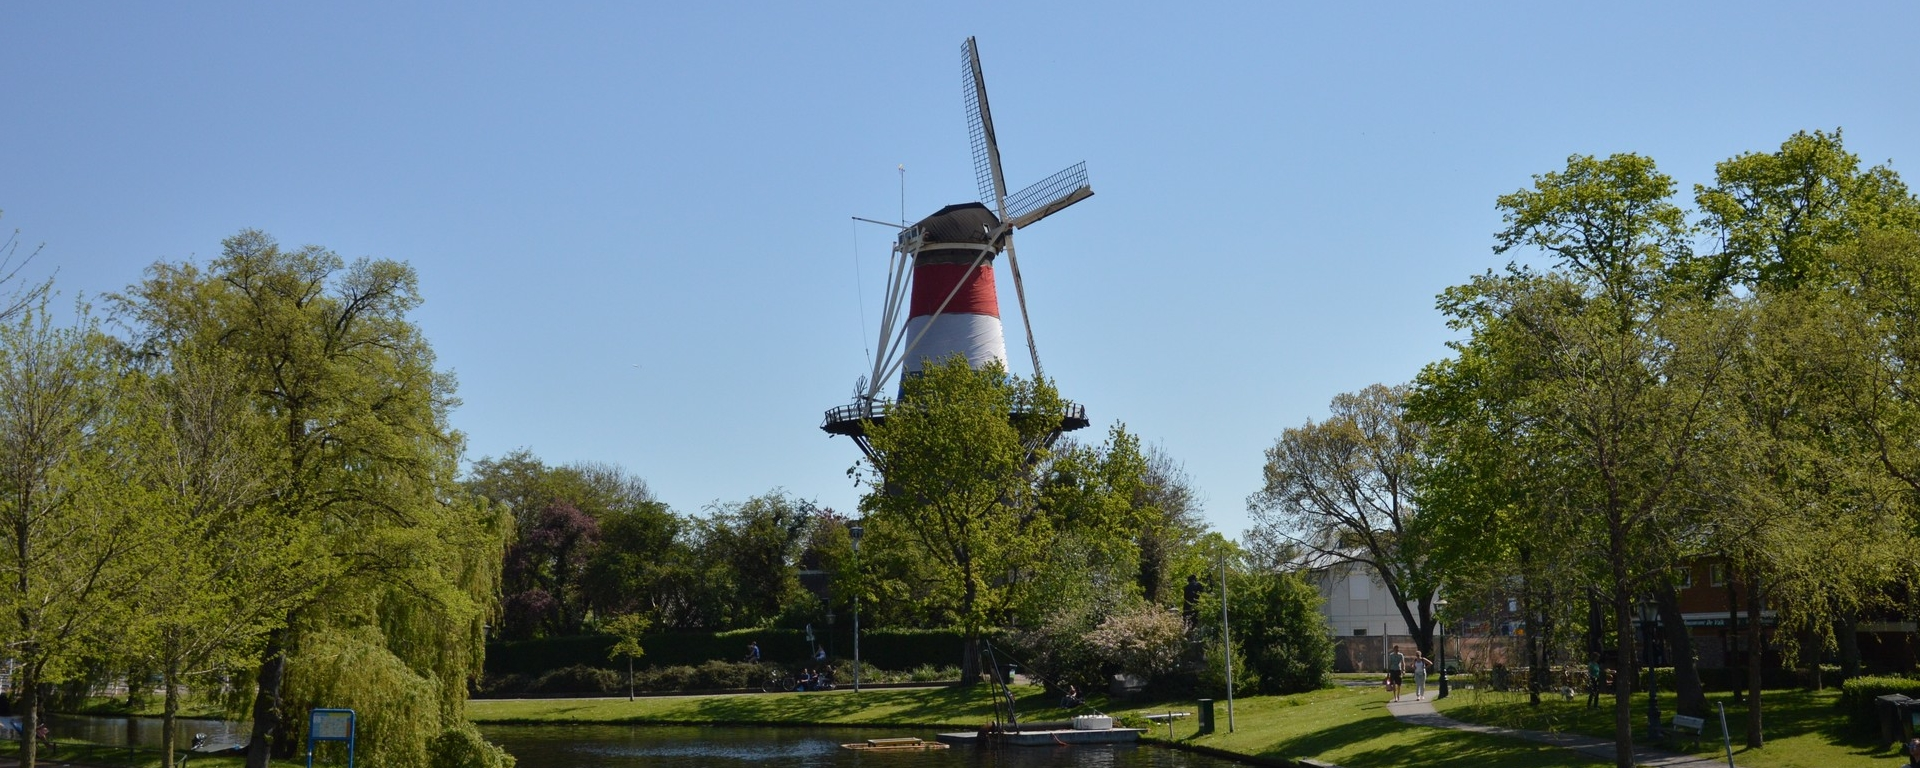 Leiden : à la découverte des Pays-Bas